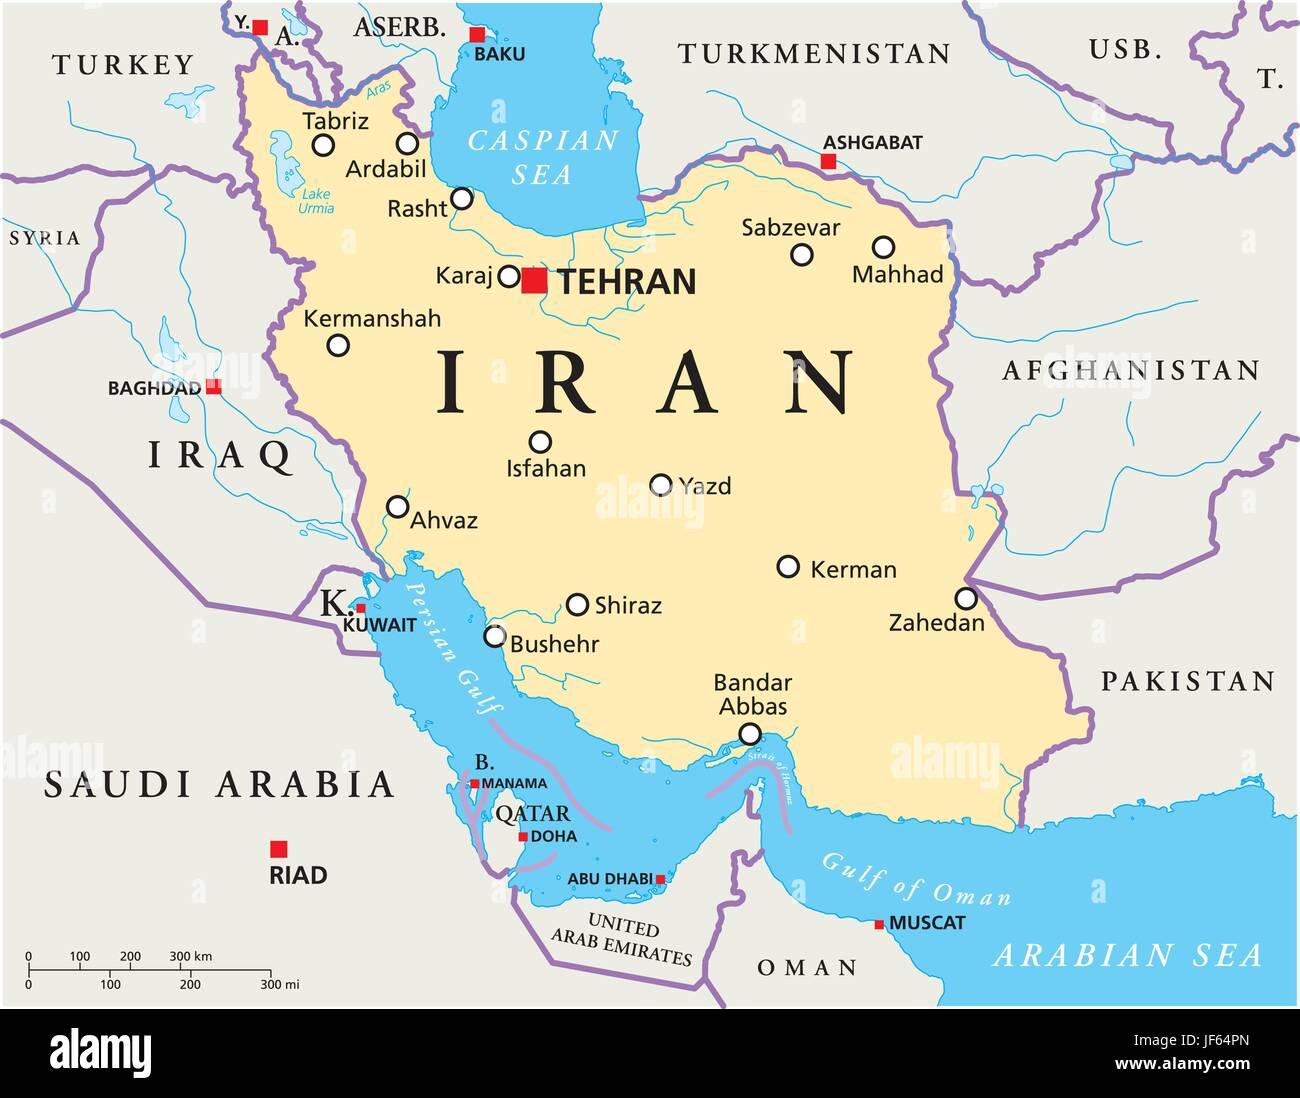 persien karte Iran, Persien, Karte, Atlas, Weltkarte, politisch, arabischen